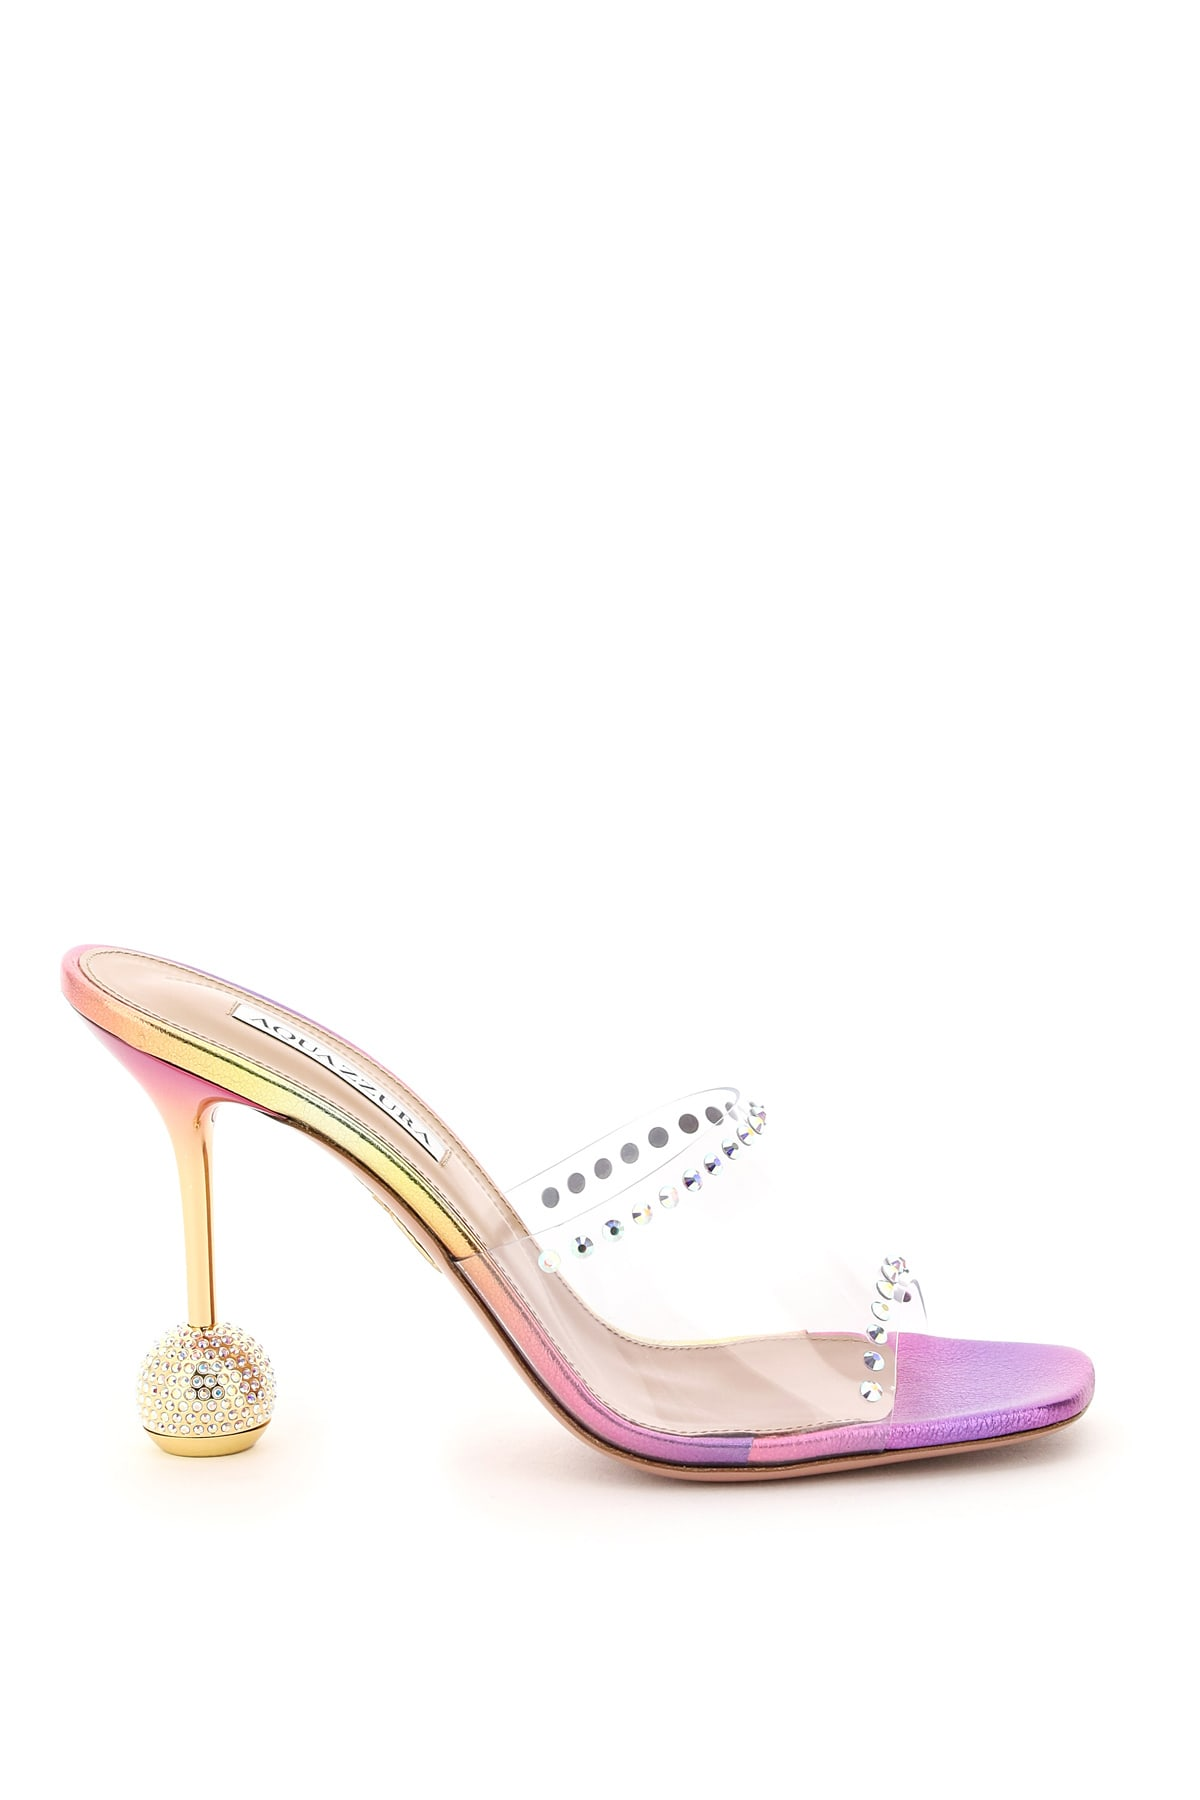 Aquazzura Shoes PVC CRYSTAL SECRETS MULES 95